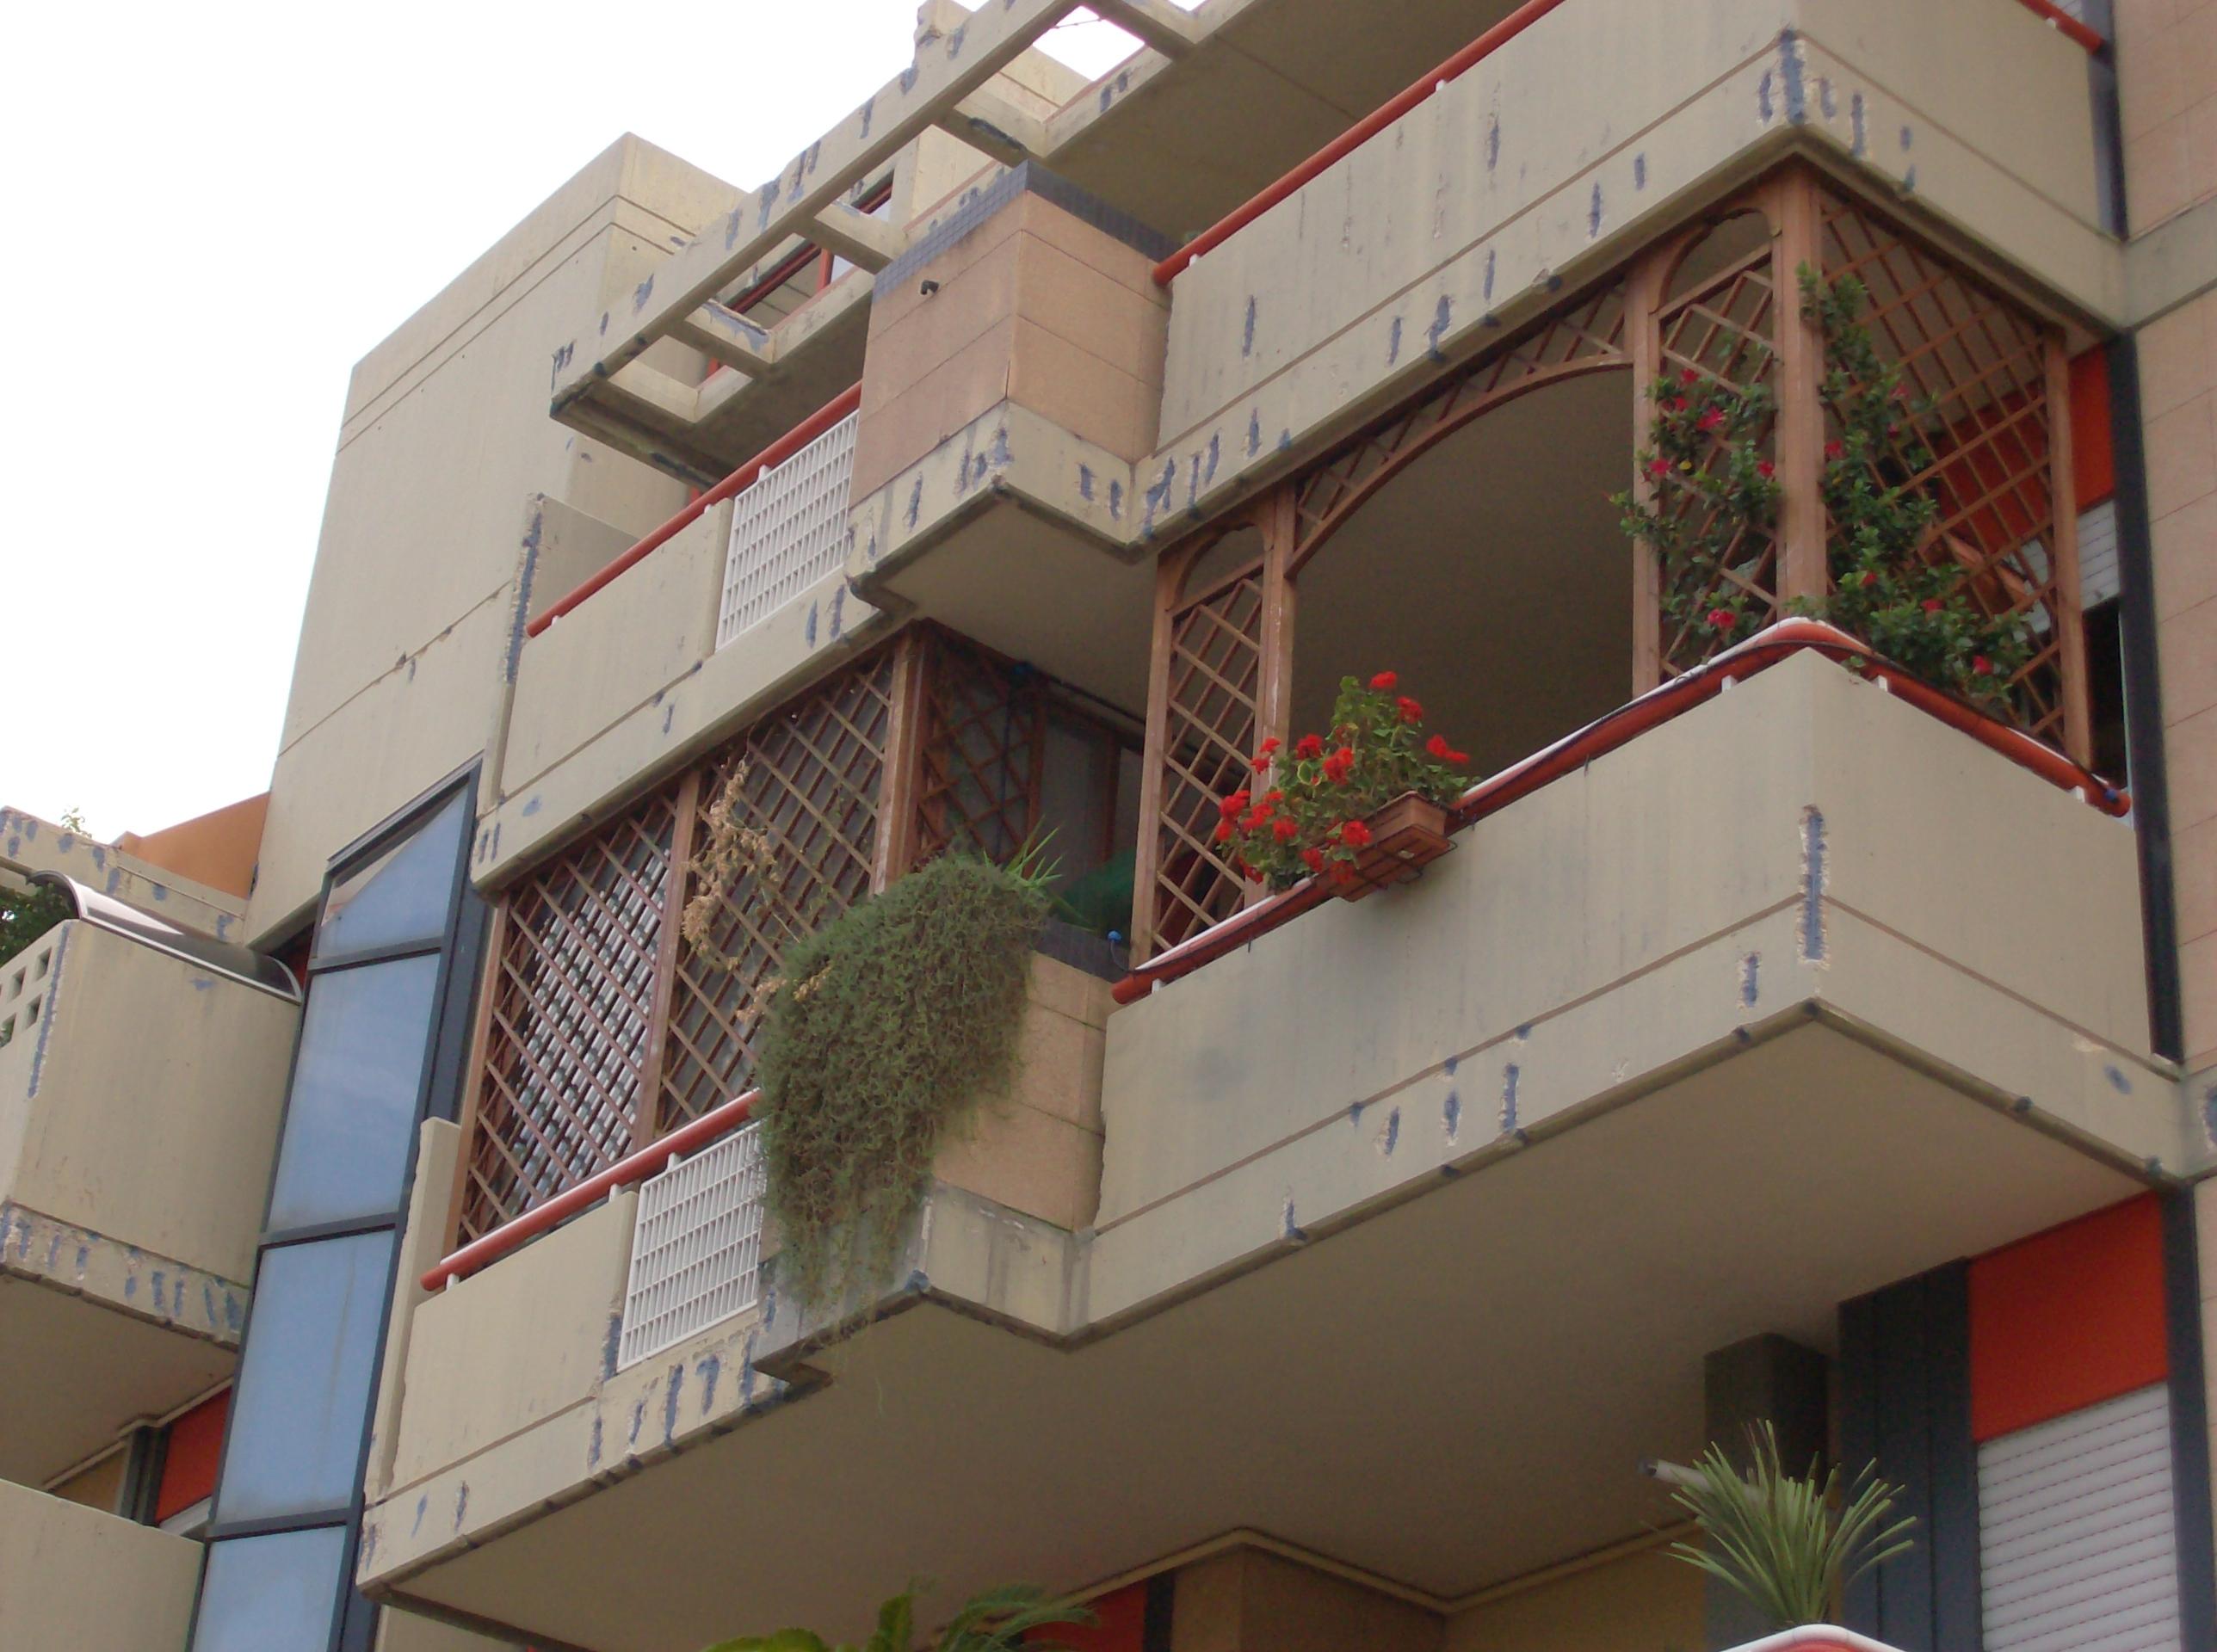 Grigliati In Legno Per Balcone Prezzi Profilati Alluminio